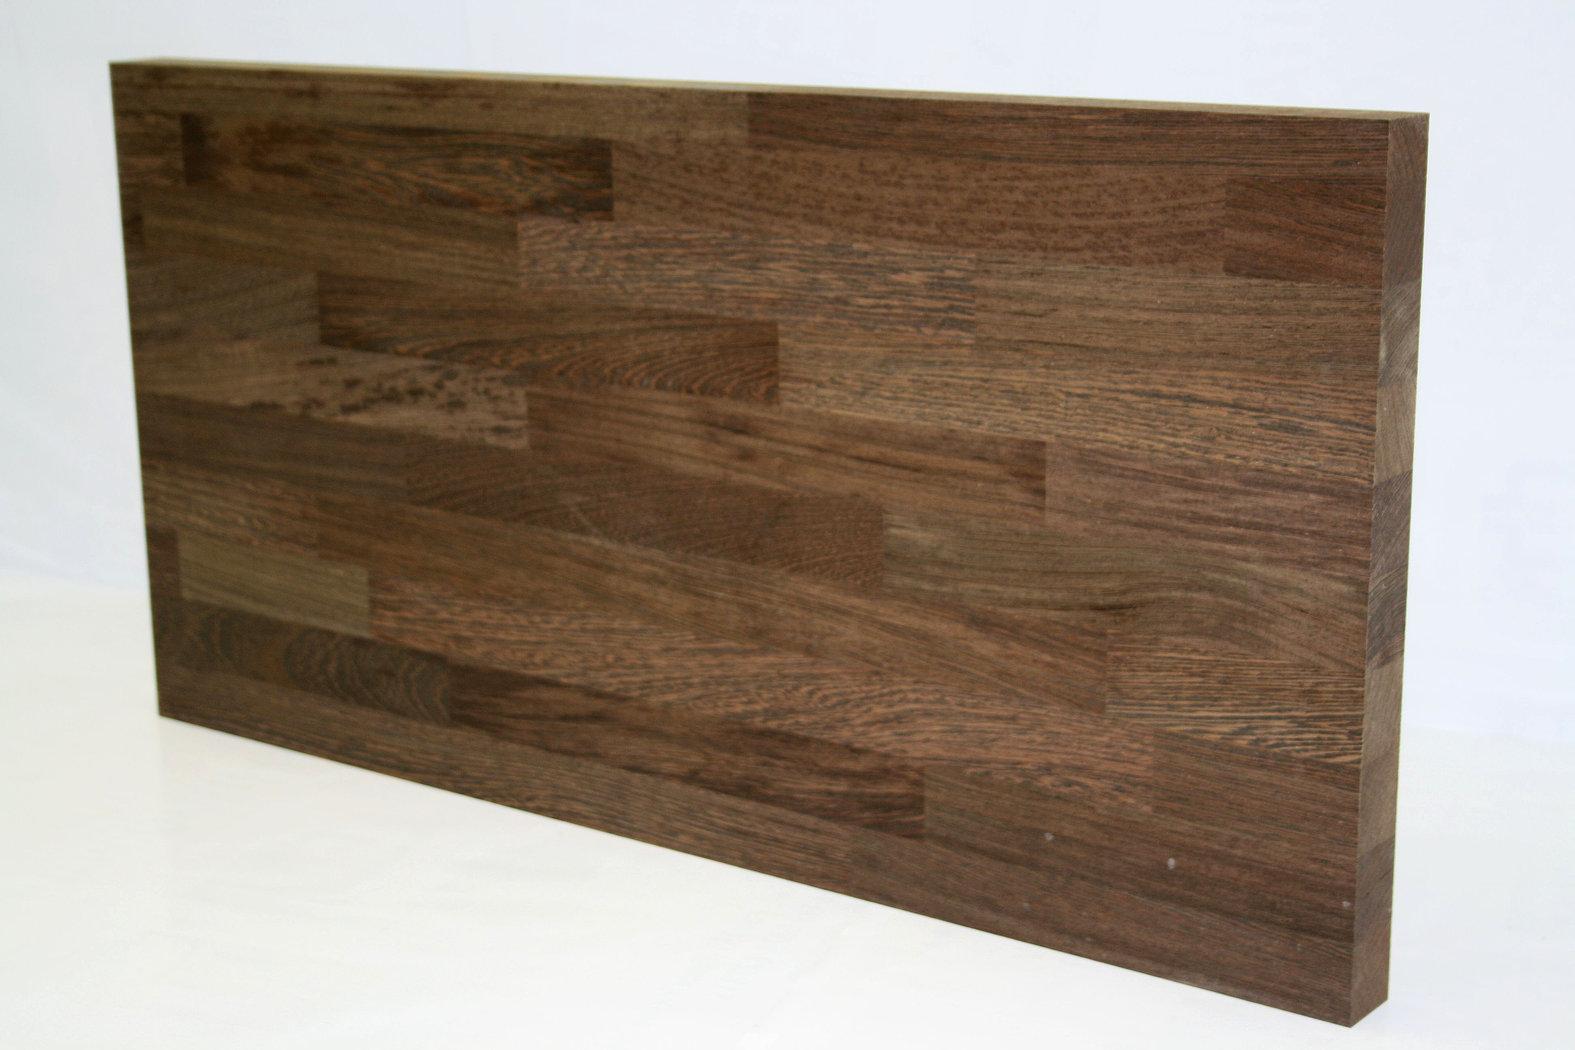 arbeitsplatte k chenarbeitsplatte massivholz wenge kgz 40 4100 650. Black Bedroom Furniture Sets. Home Design Ideas